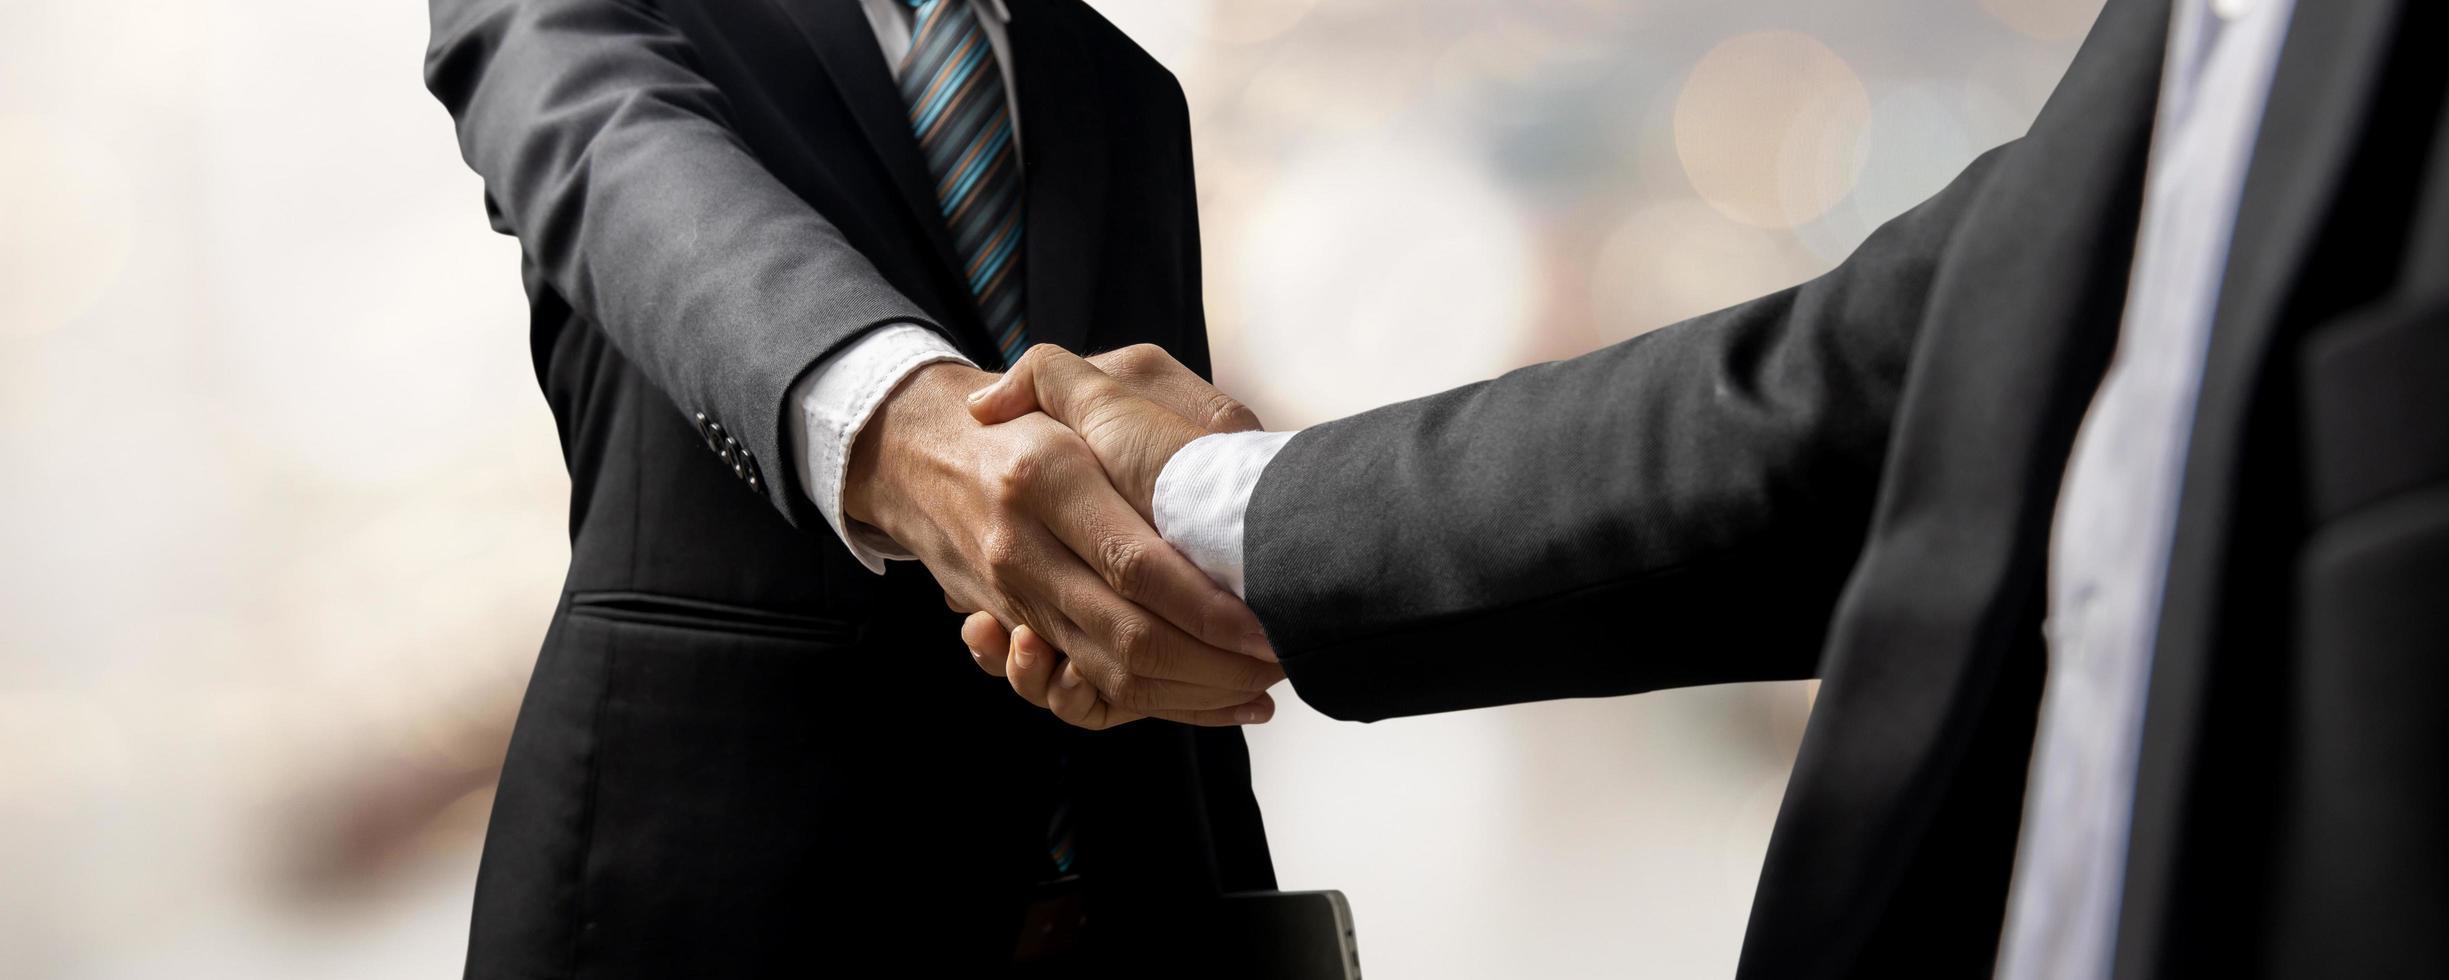 handskakning av kund och investerare eller hand av framgångsrika affärsmän skakar hand efter framgång i förhandlings- och avtalssamarbete och samarbetsbegrepp foto